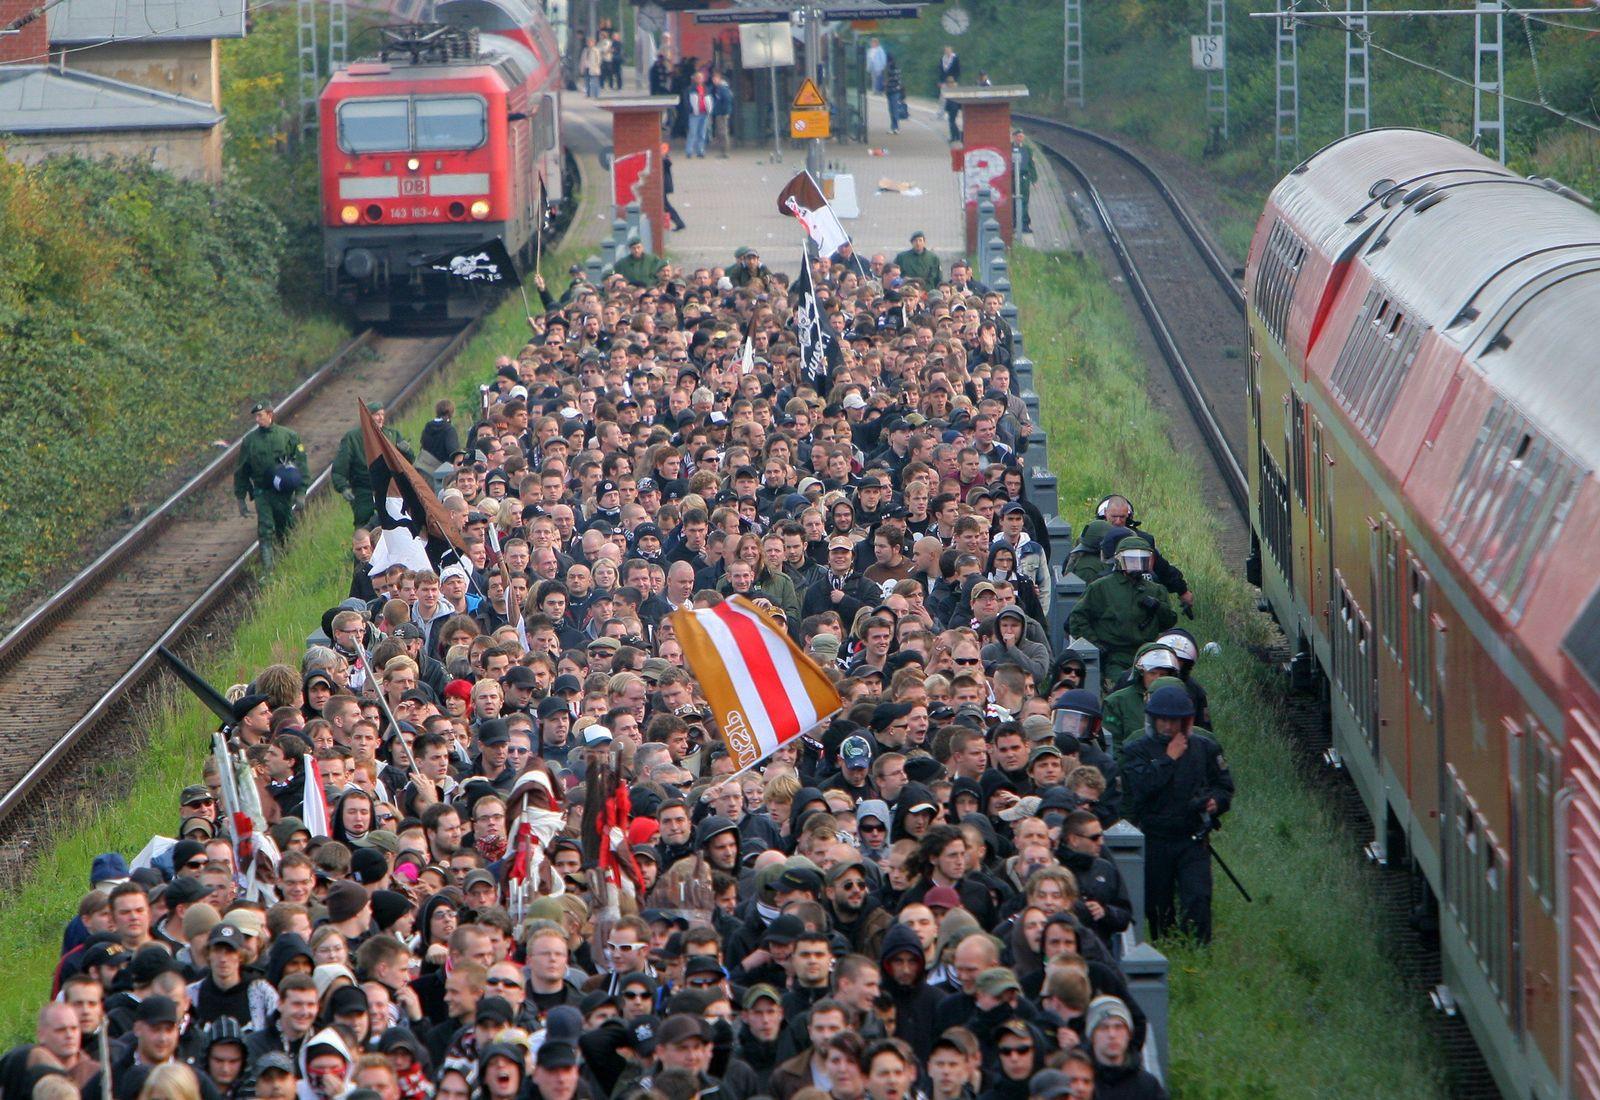 Polizei verteidigt nach Ausschreitungen in Rostock ihre Taktik